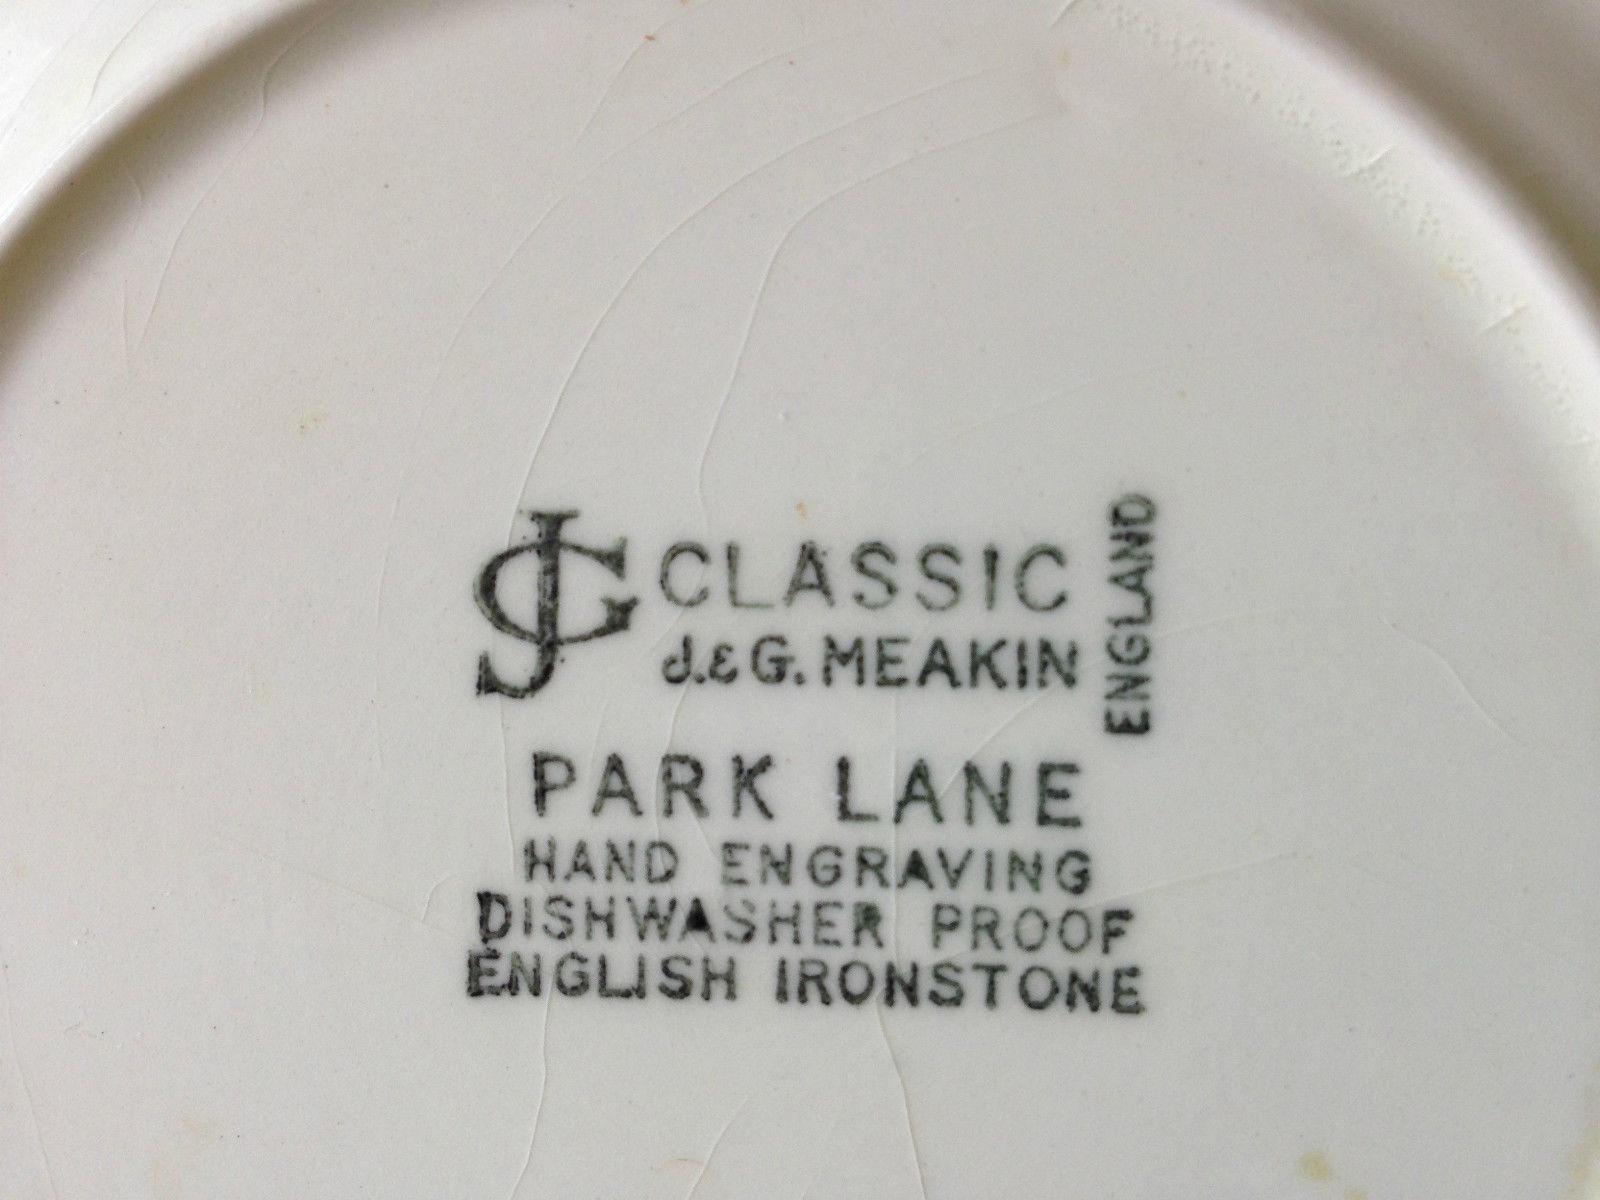 Park Lane Plate Backstamp